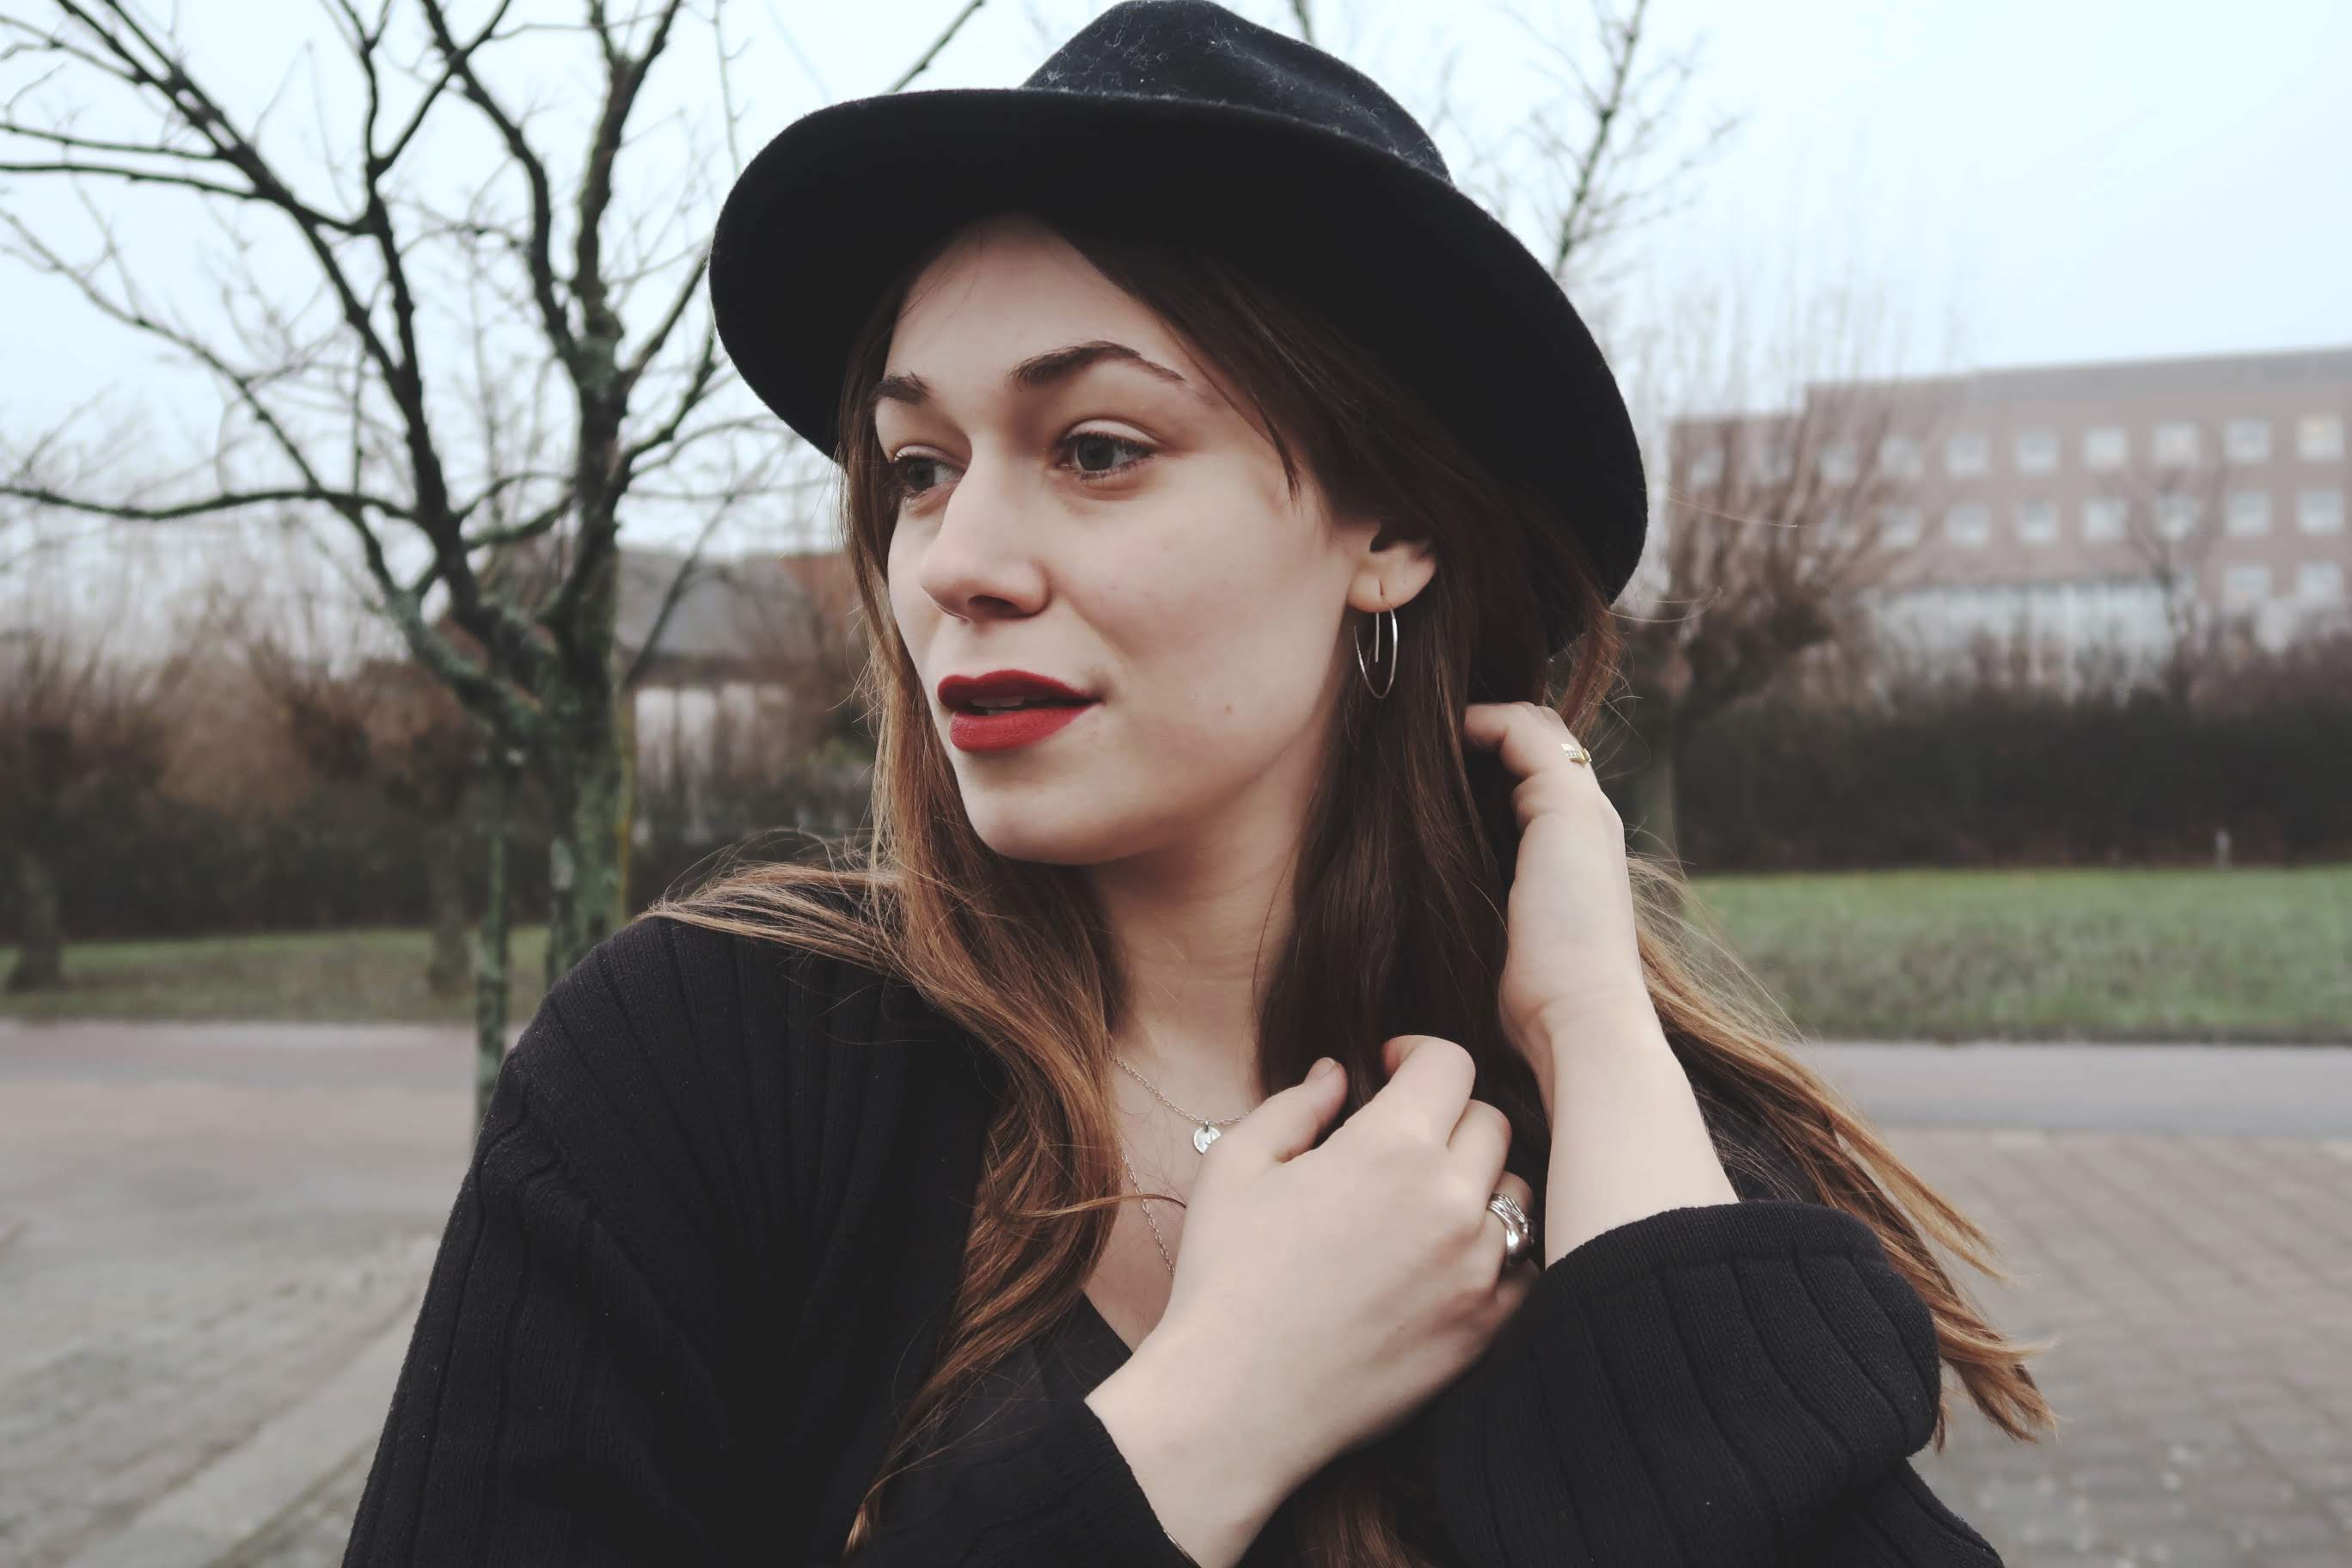 En hatt är ett perfekt sätt att piffa upp en outfit!